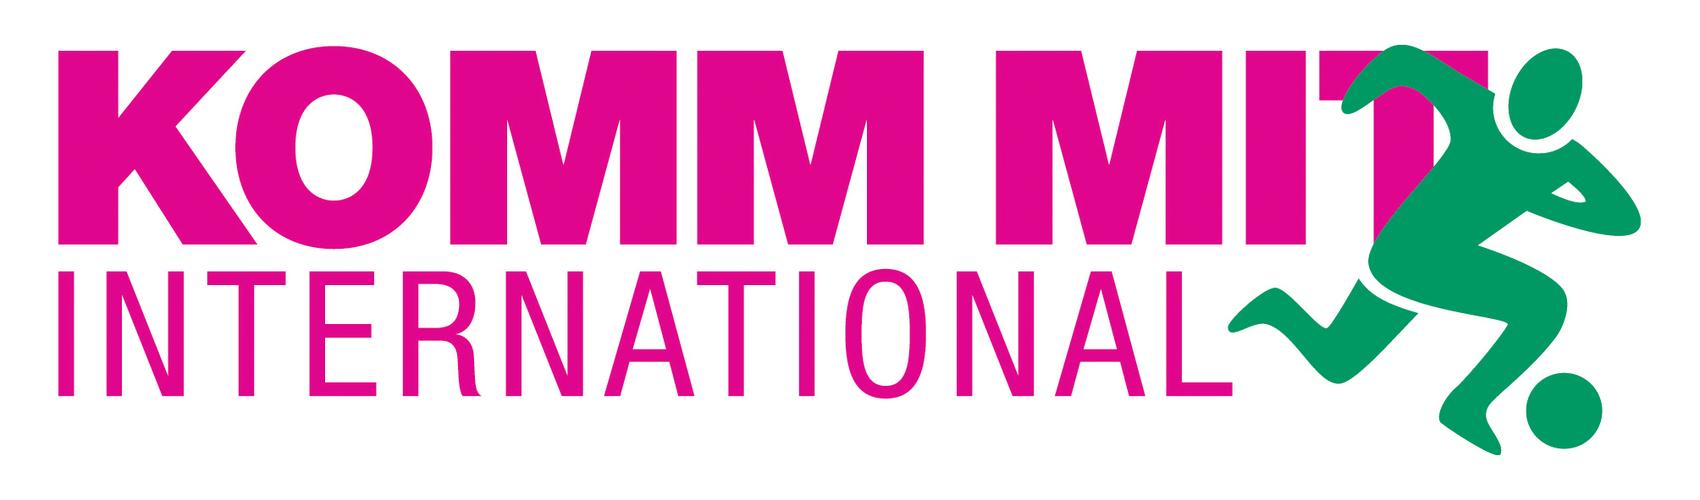 KOMM MIT International